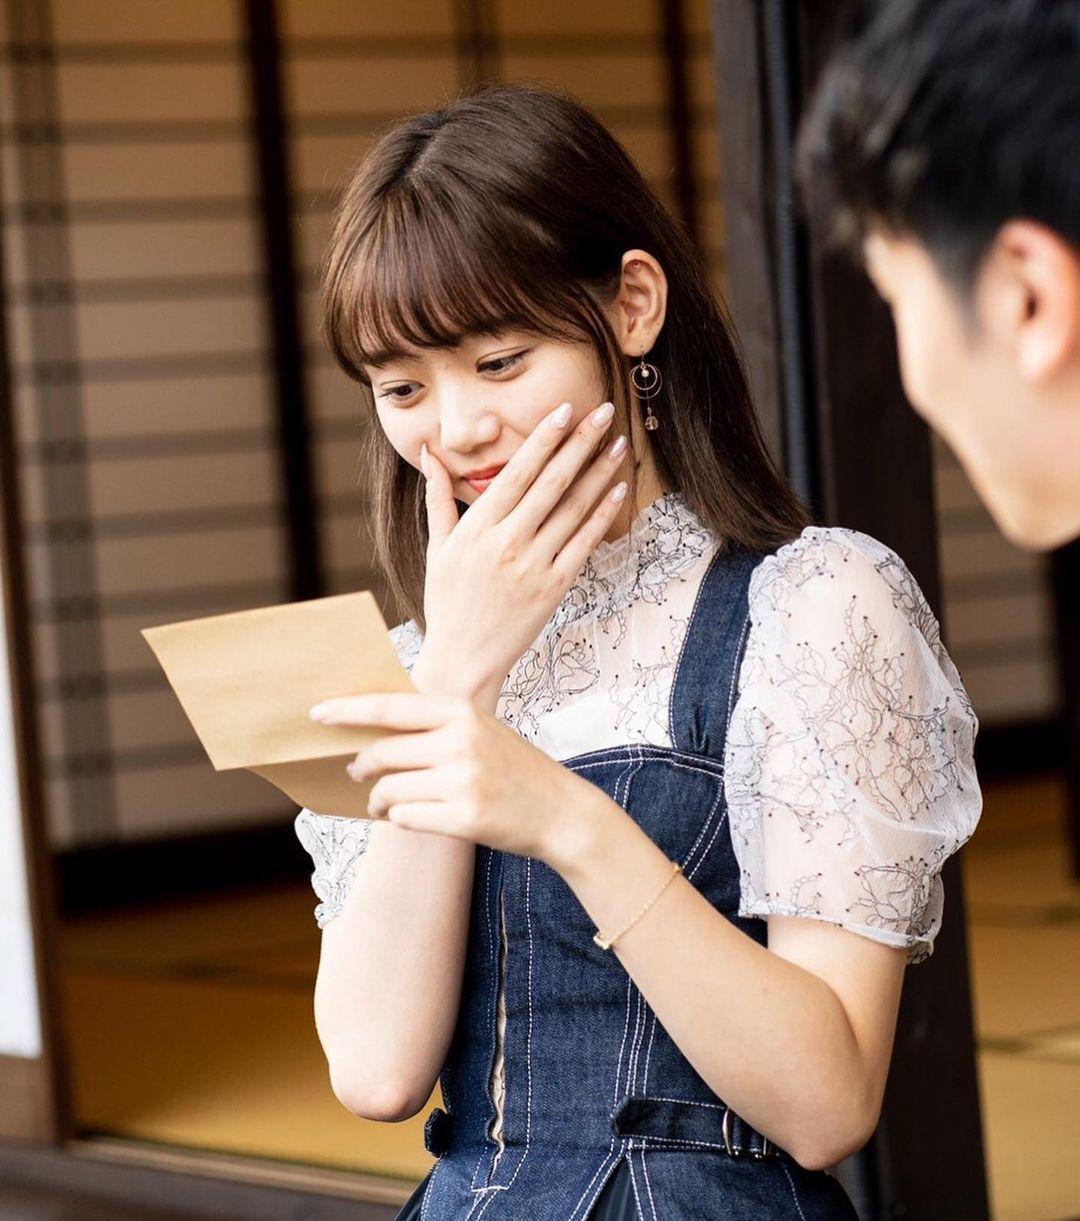 史上最可爱国中生江野沢爱美长大了.不只甜美笑容依旧,空灵气质更是疗愈人心 网络美女 第19张